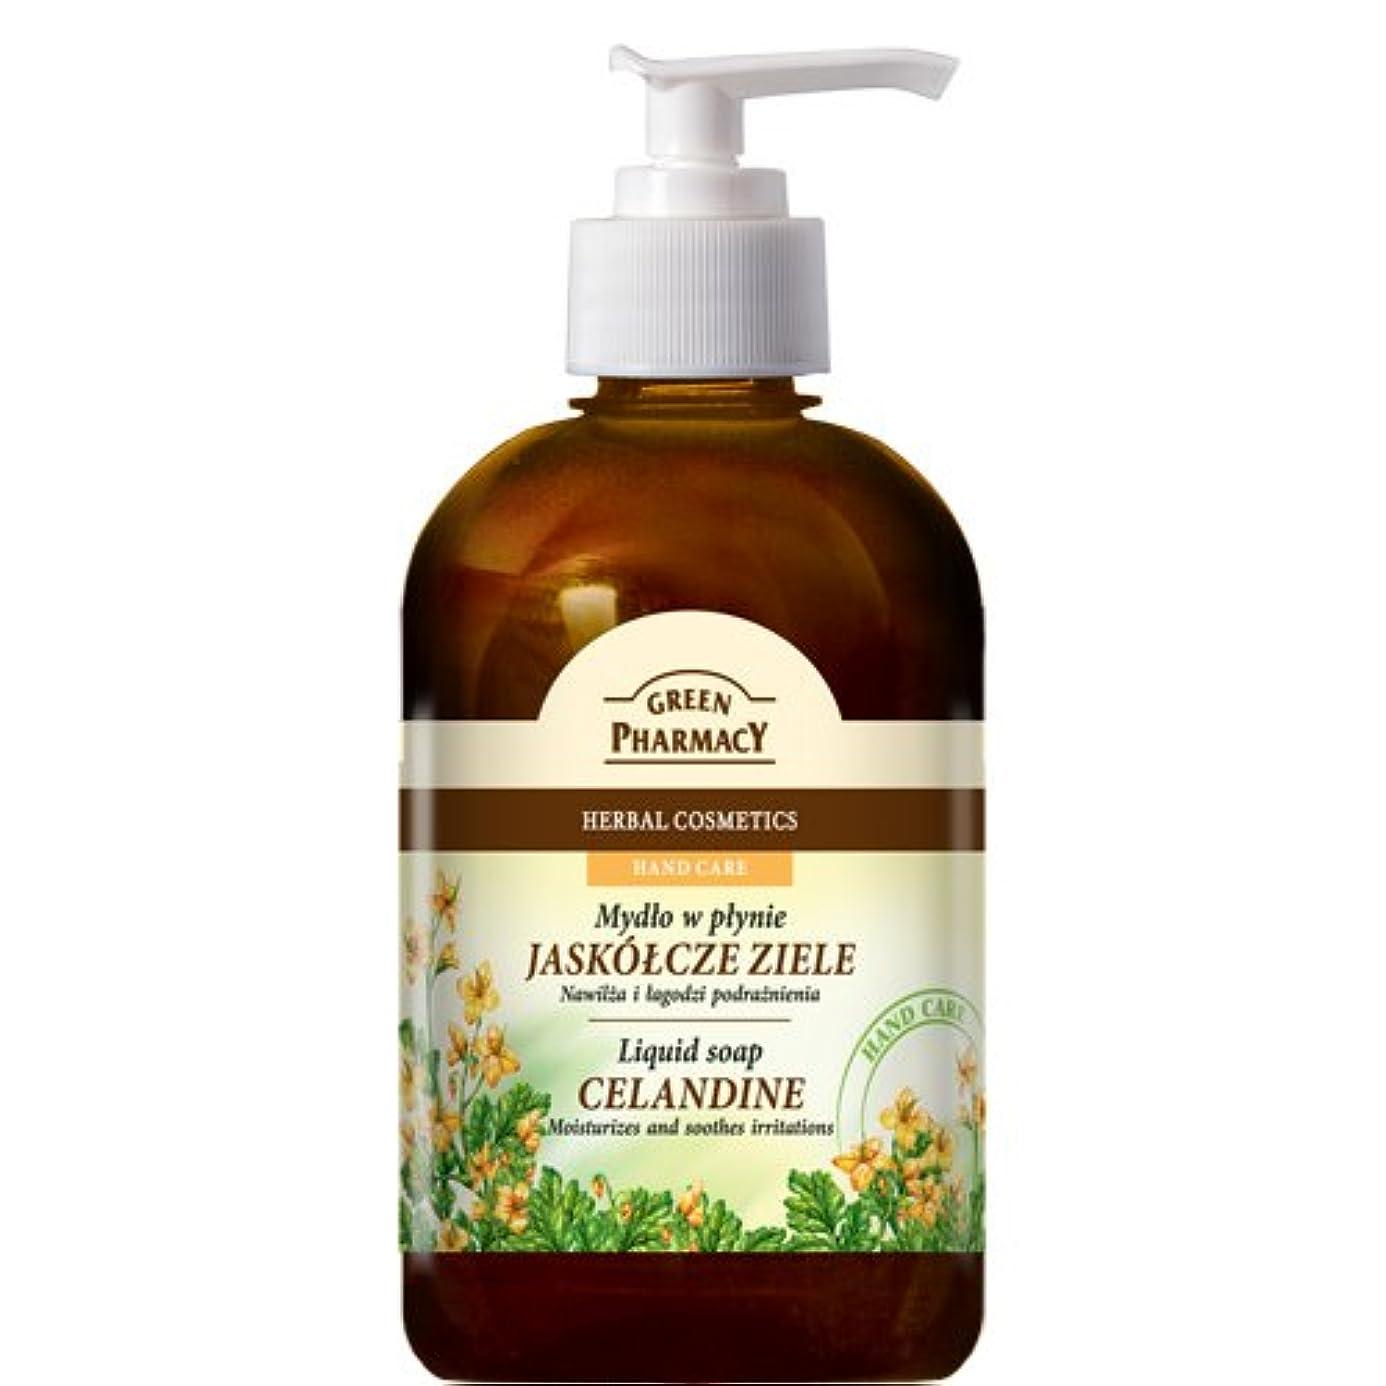 ポンペイ抜粋有名なElfa Pharm Green Pharmacy グリーンファーマシー Liquid Soap リキッドソープ Celandine クサノオウ